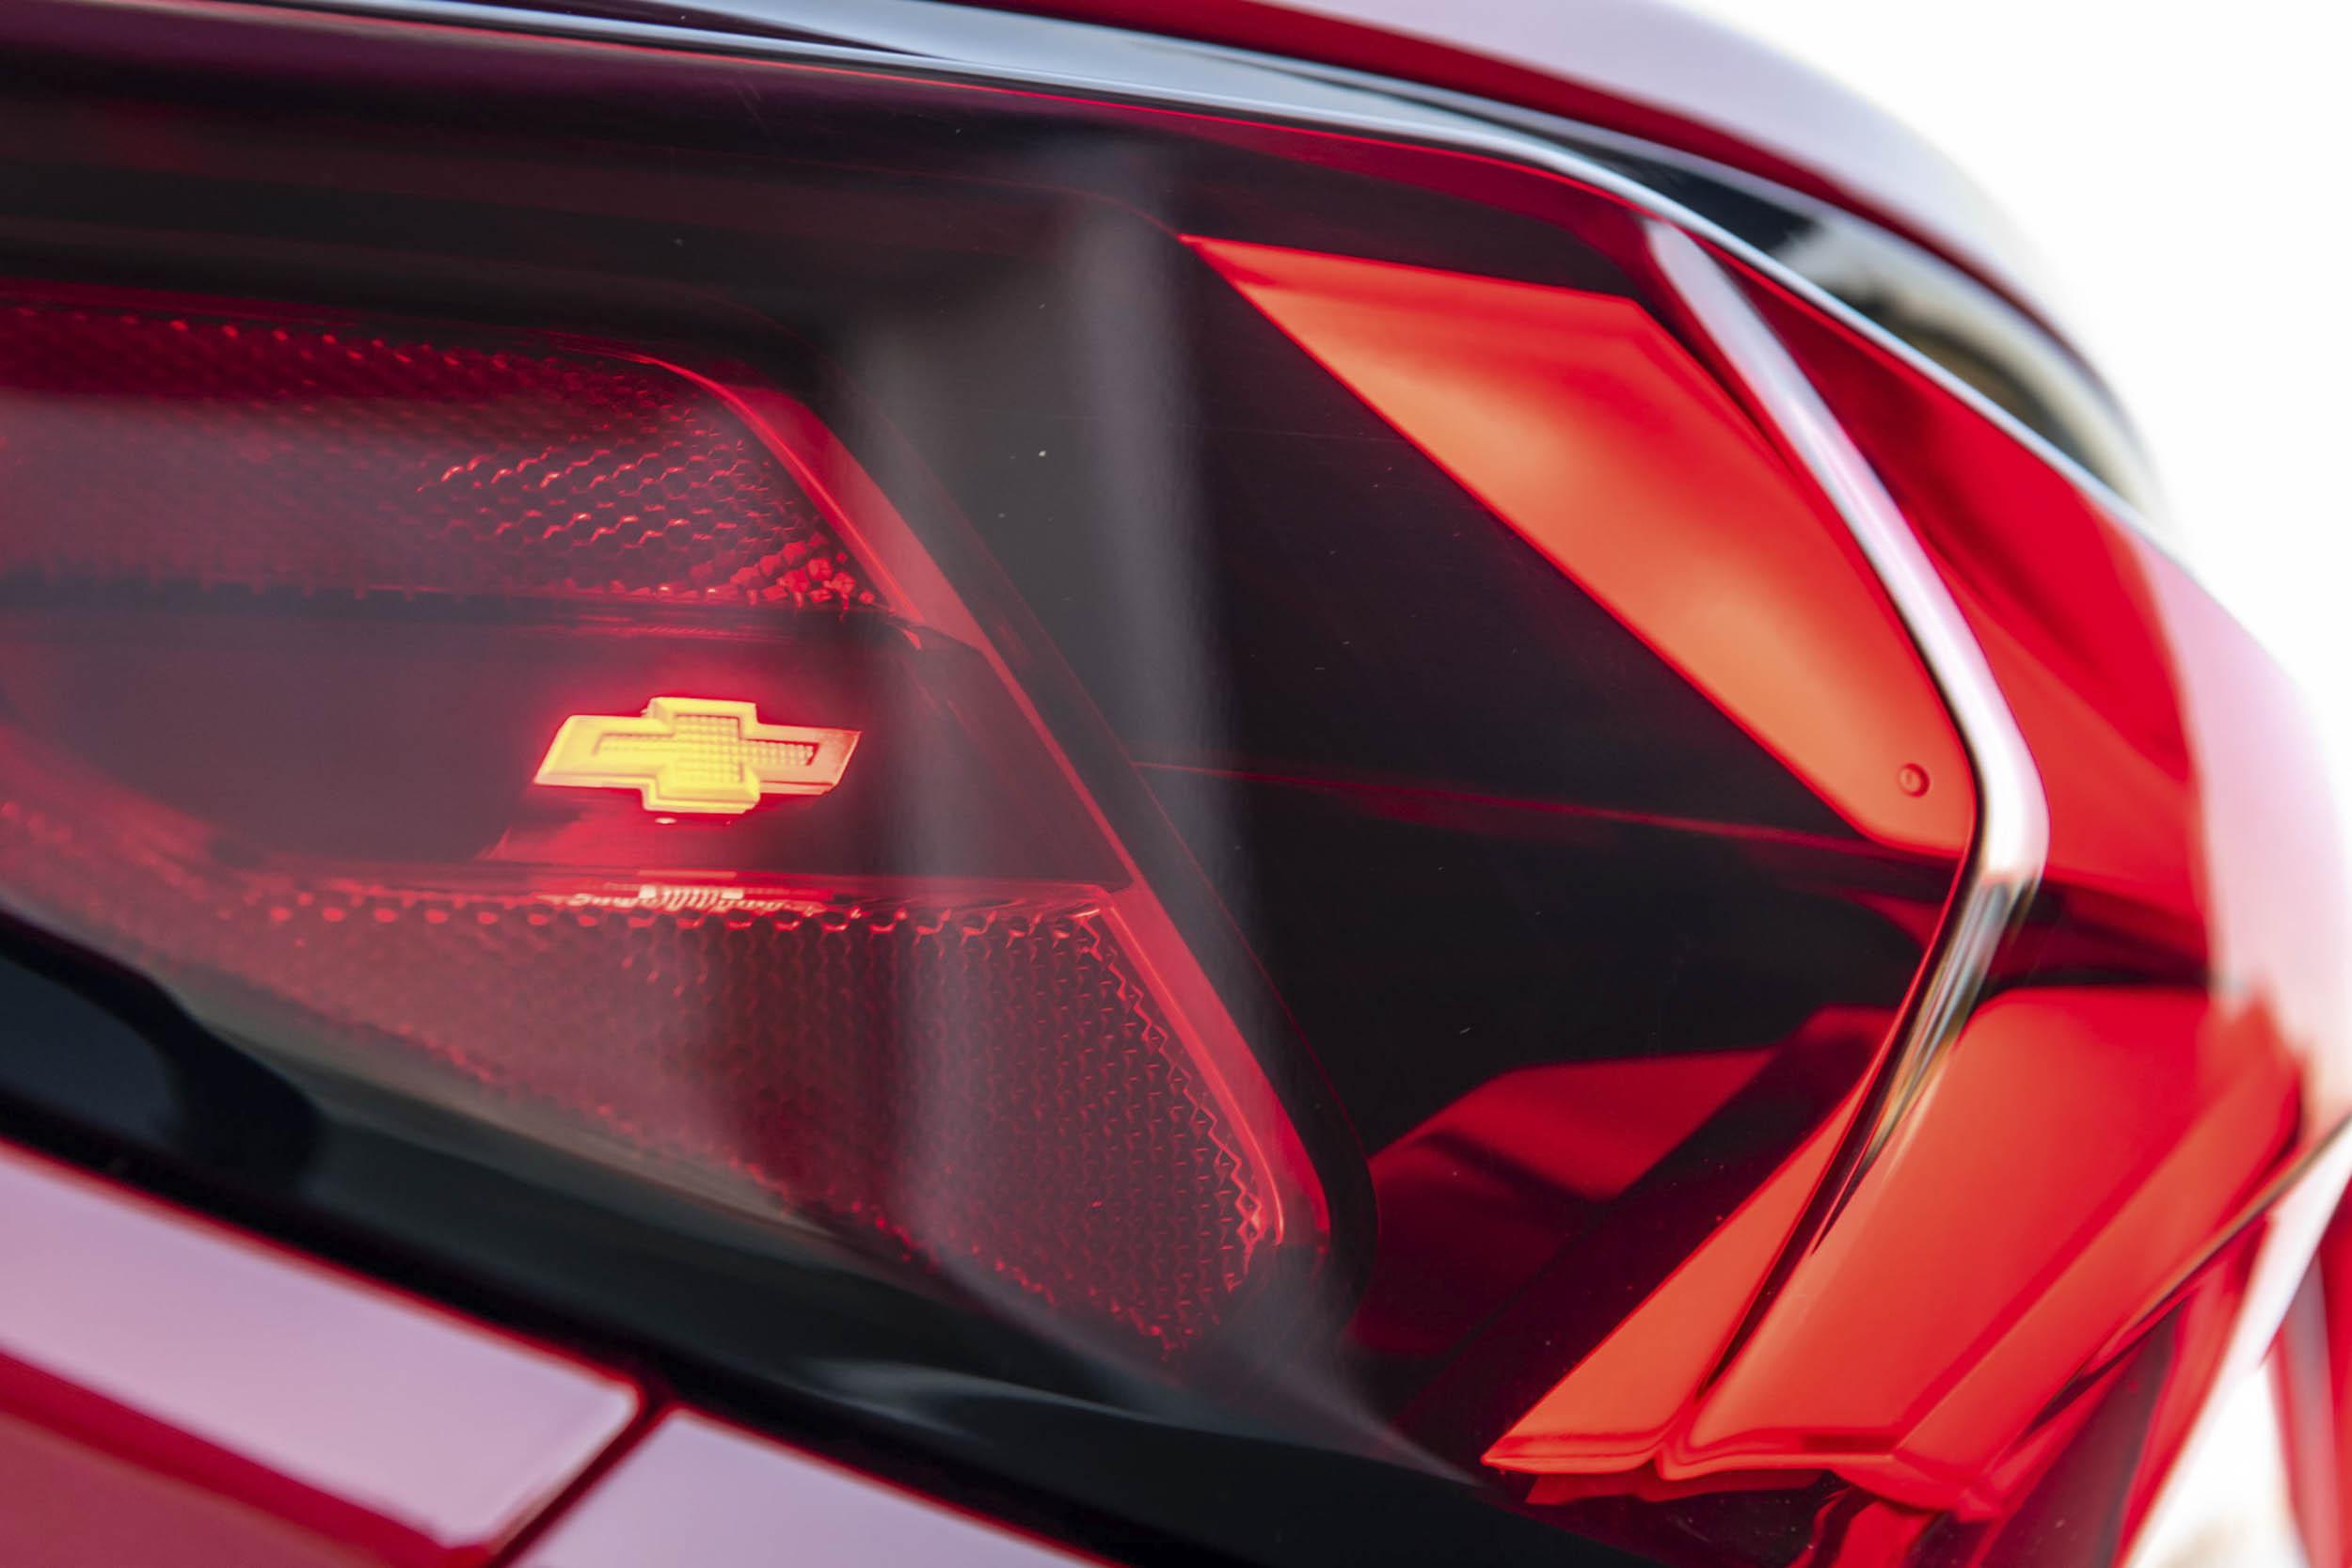 2019 Chevrolet Blazer tail light detail